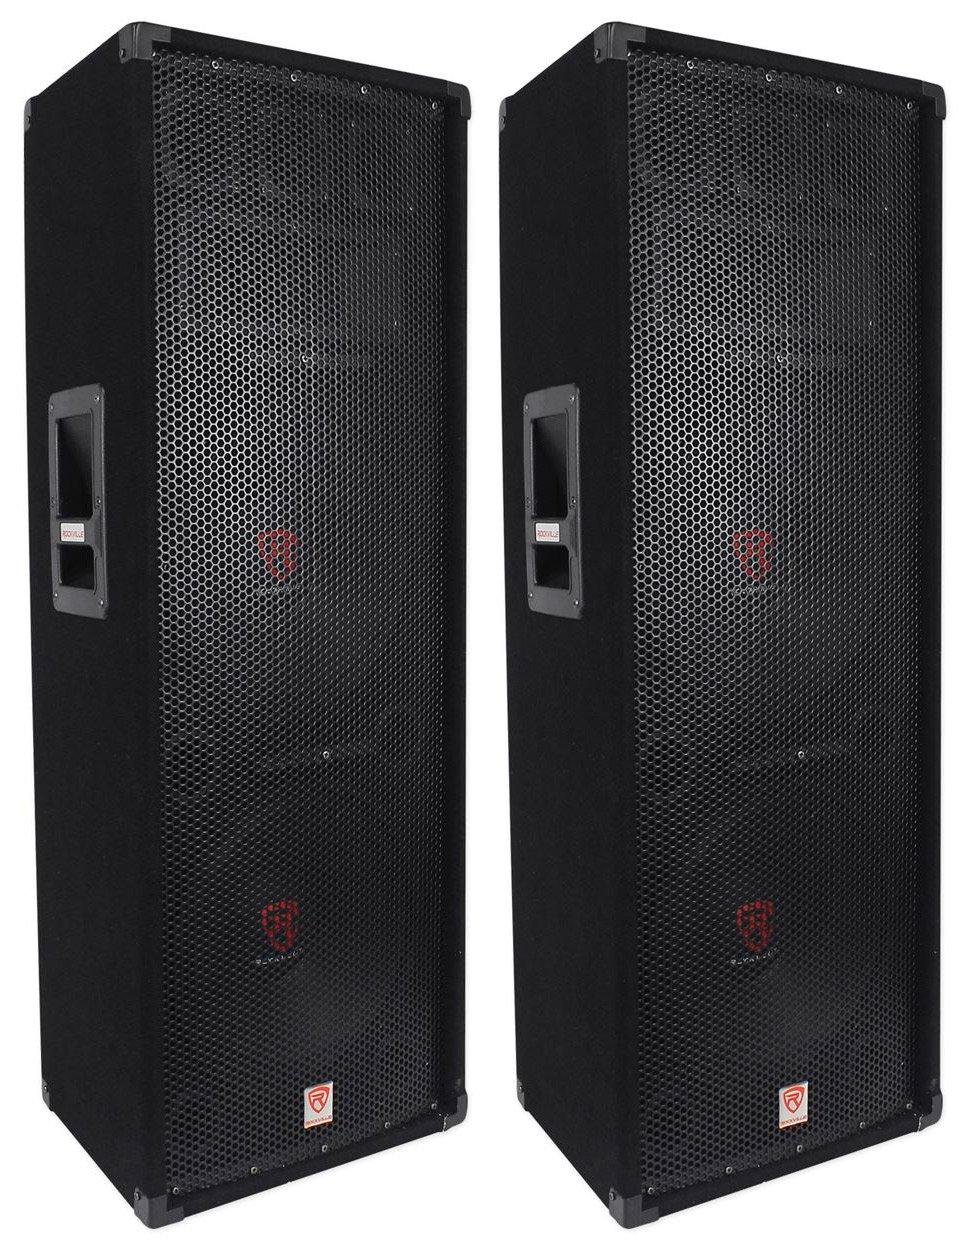 (2) Rockville RSG12.2 Dual 12 2000 Watt 3Way 4-Ohm Passive DJ/Pro Audio Speaker by Rockville